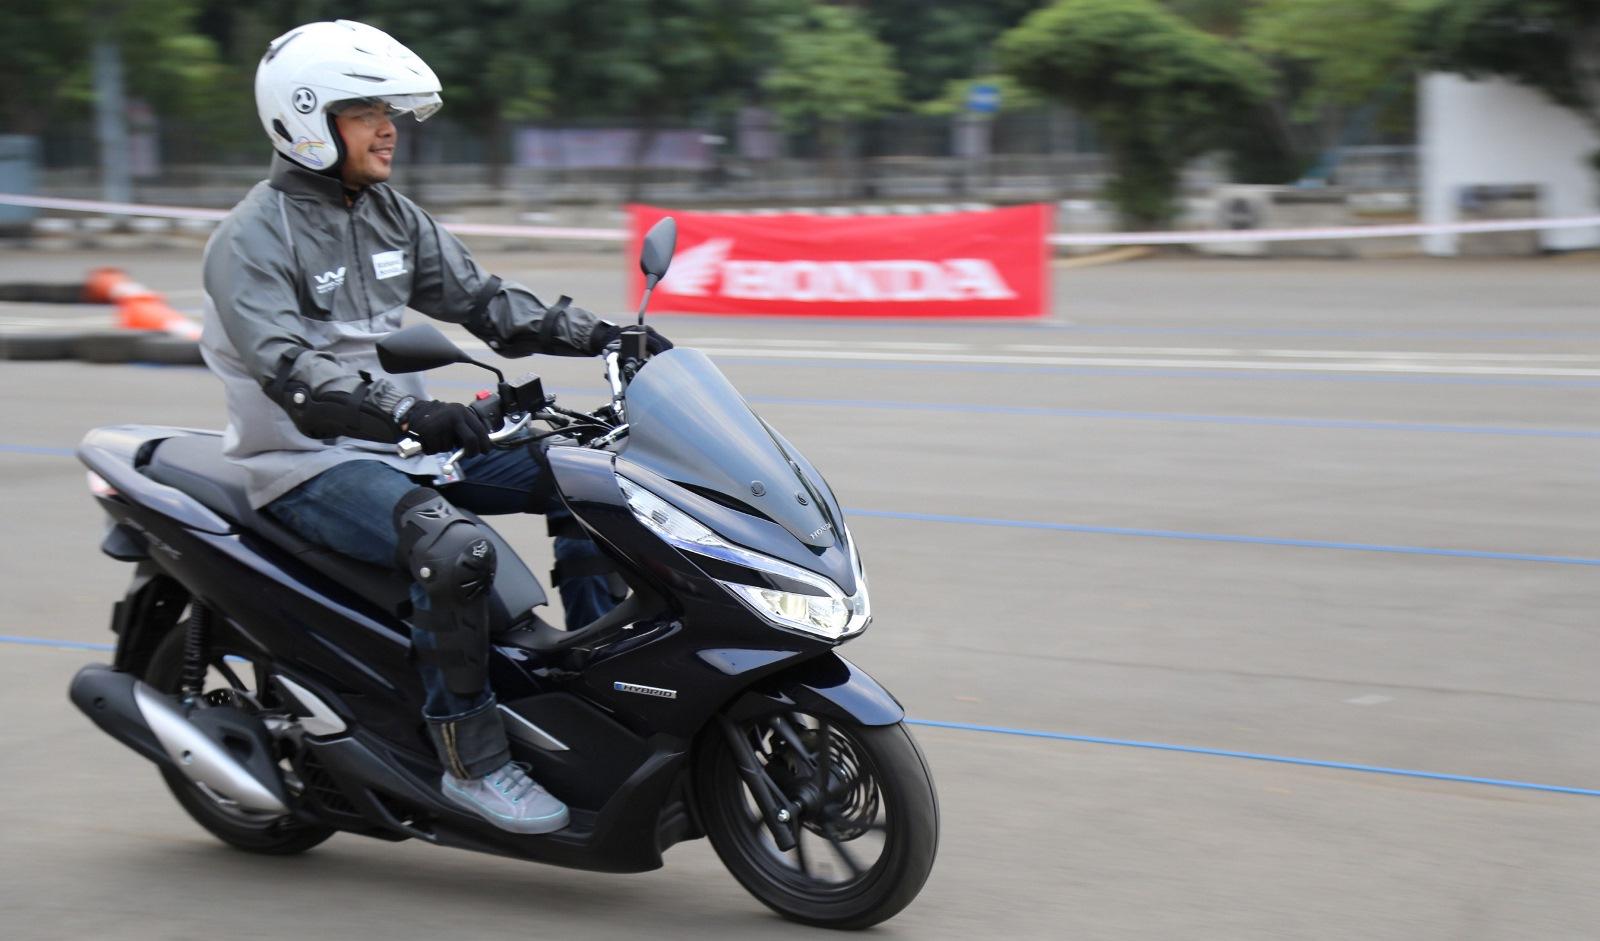 Brosur Kredit Honda Surya Motor Februari 2018 Dealer All New Cbr 150r Racing Red Klaten Ahm Resmi Pasarkan Pcx Hybrid